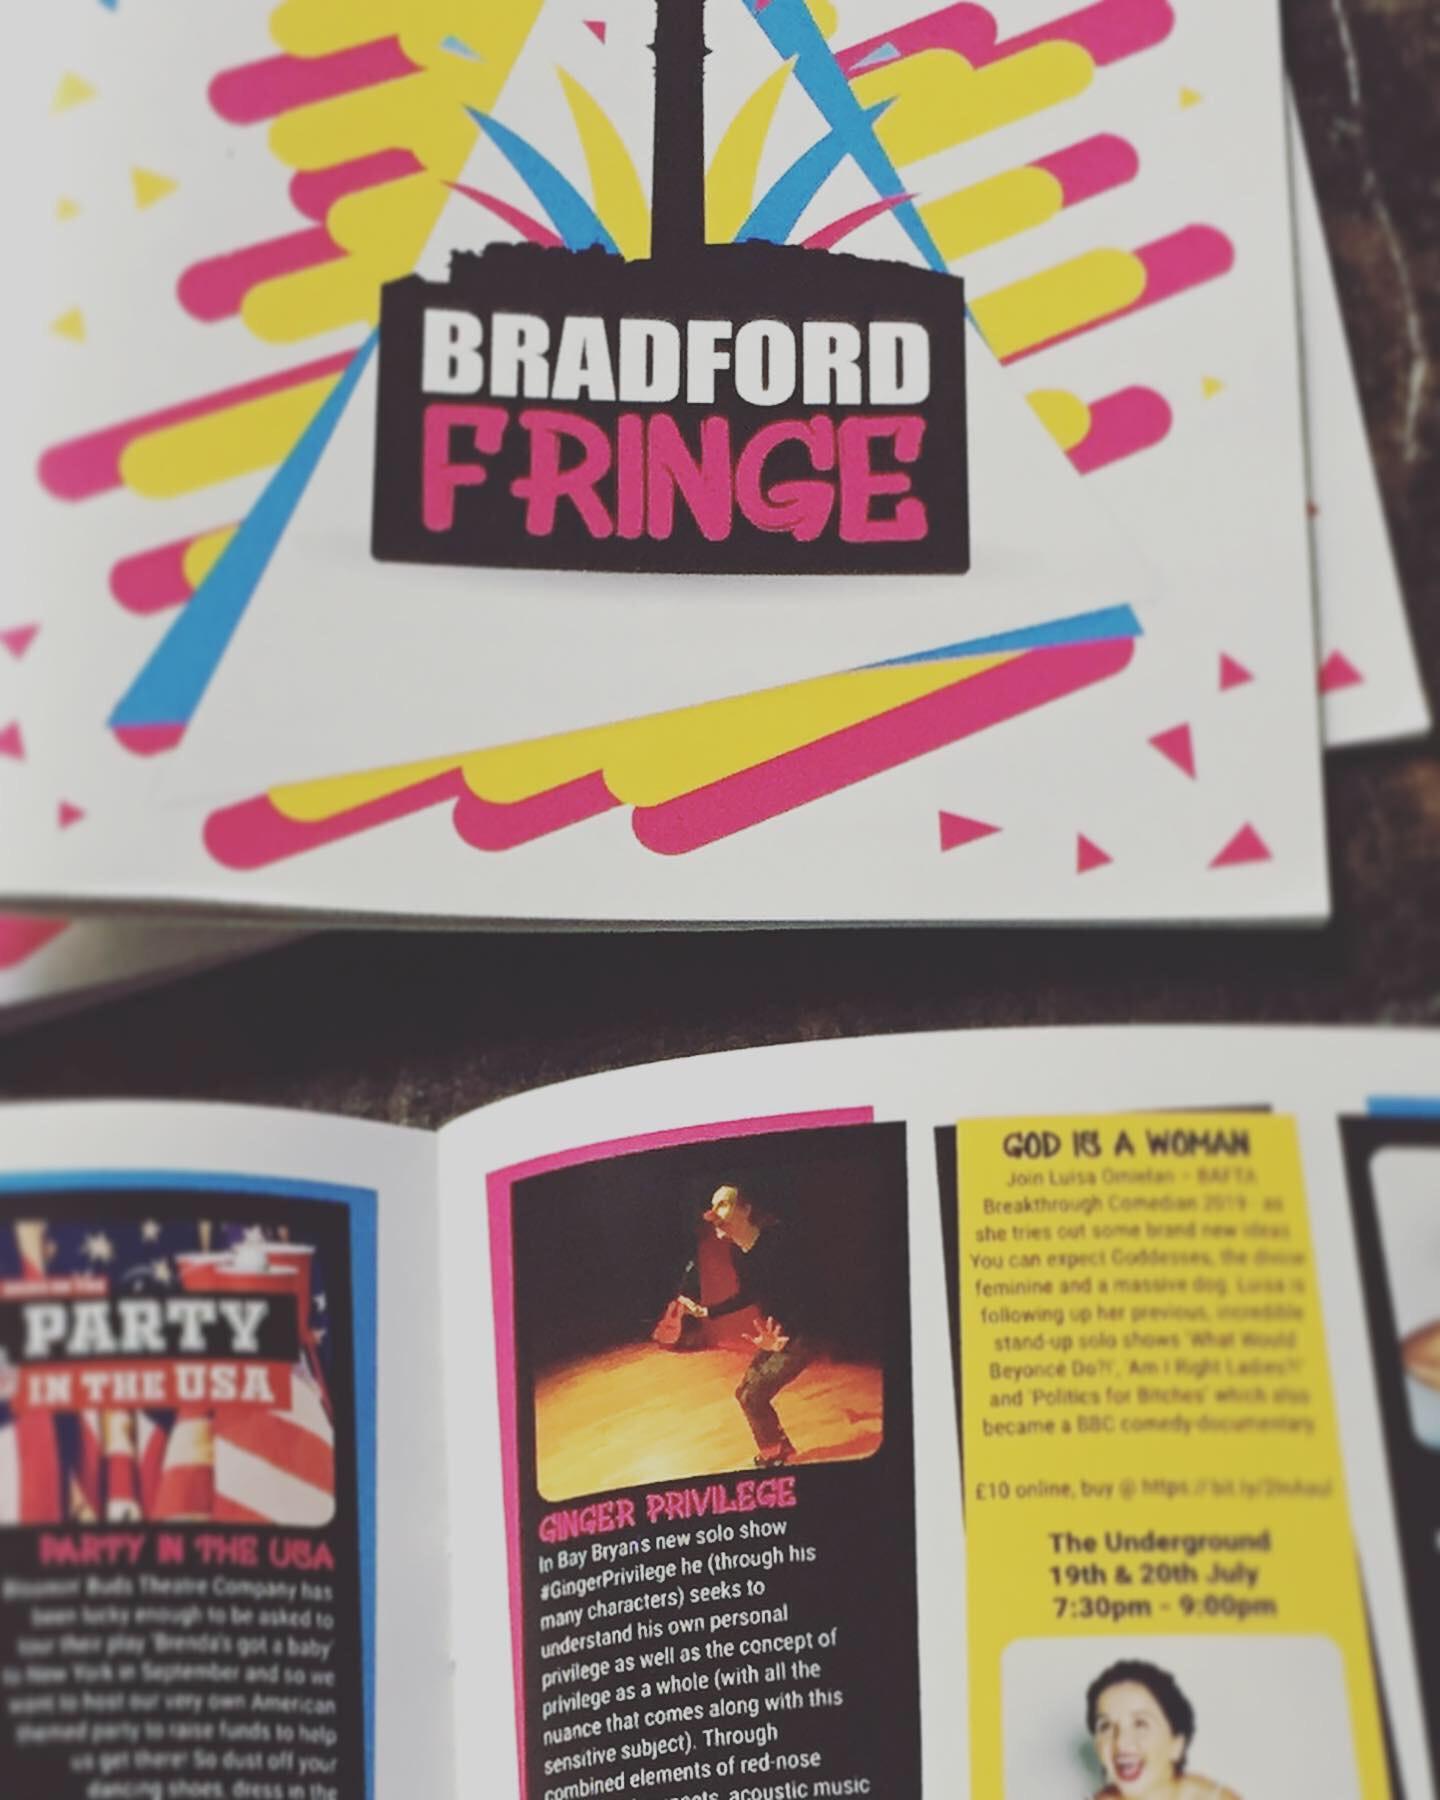 BradfordFringePhoto2.JPG